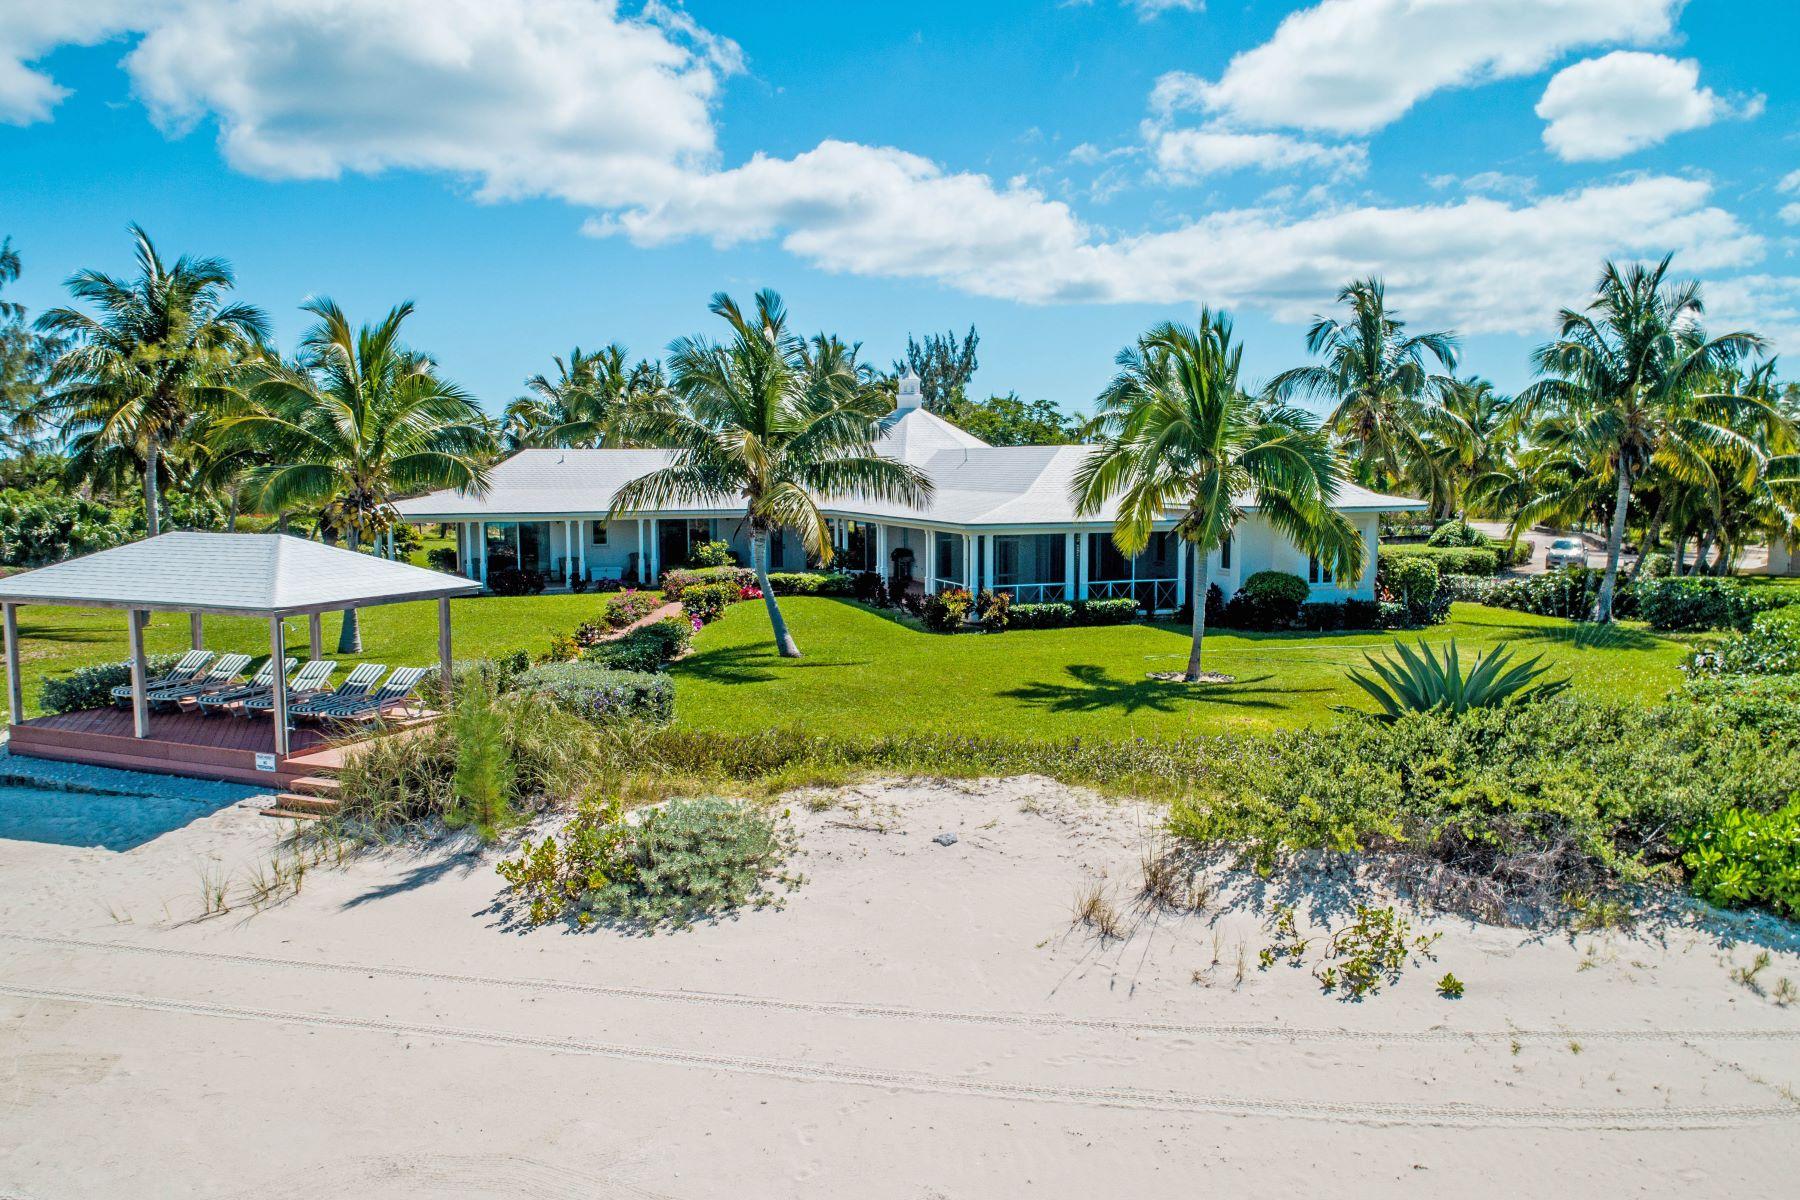 Частный односемейный дом для того Продажа на O'Zone in Long Island Cape Santa Maria, Лонг-Айленд, Багамские Острова